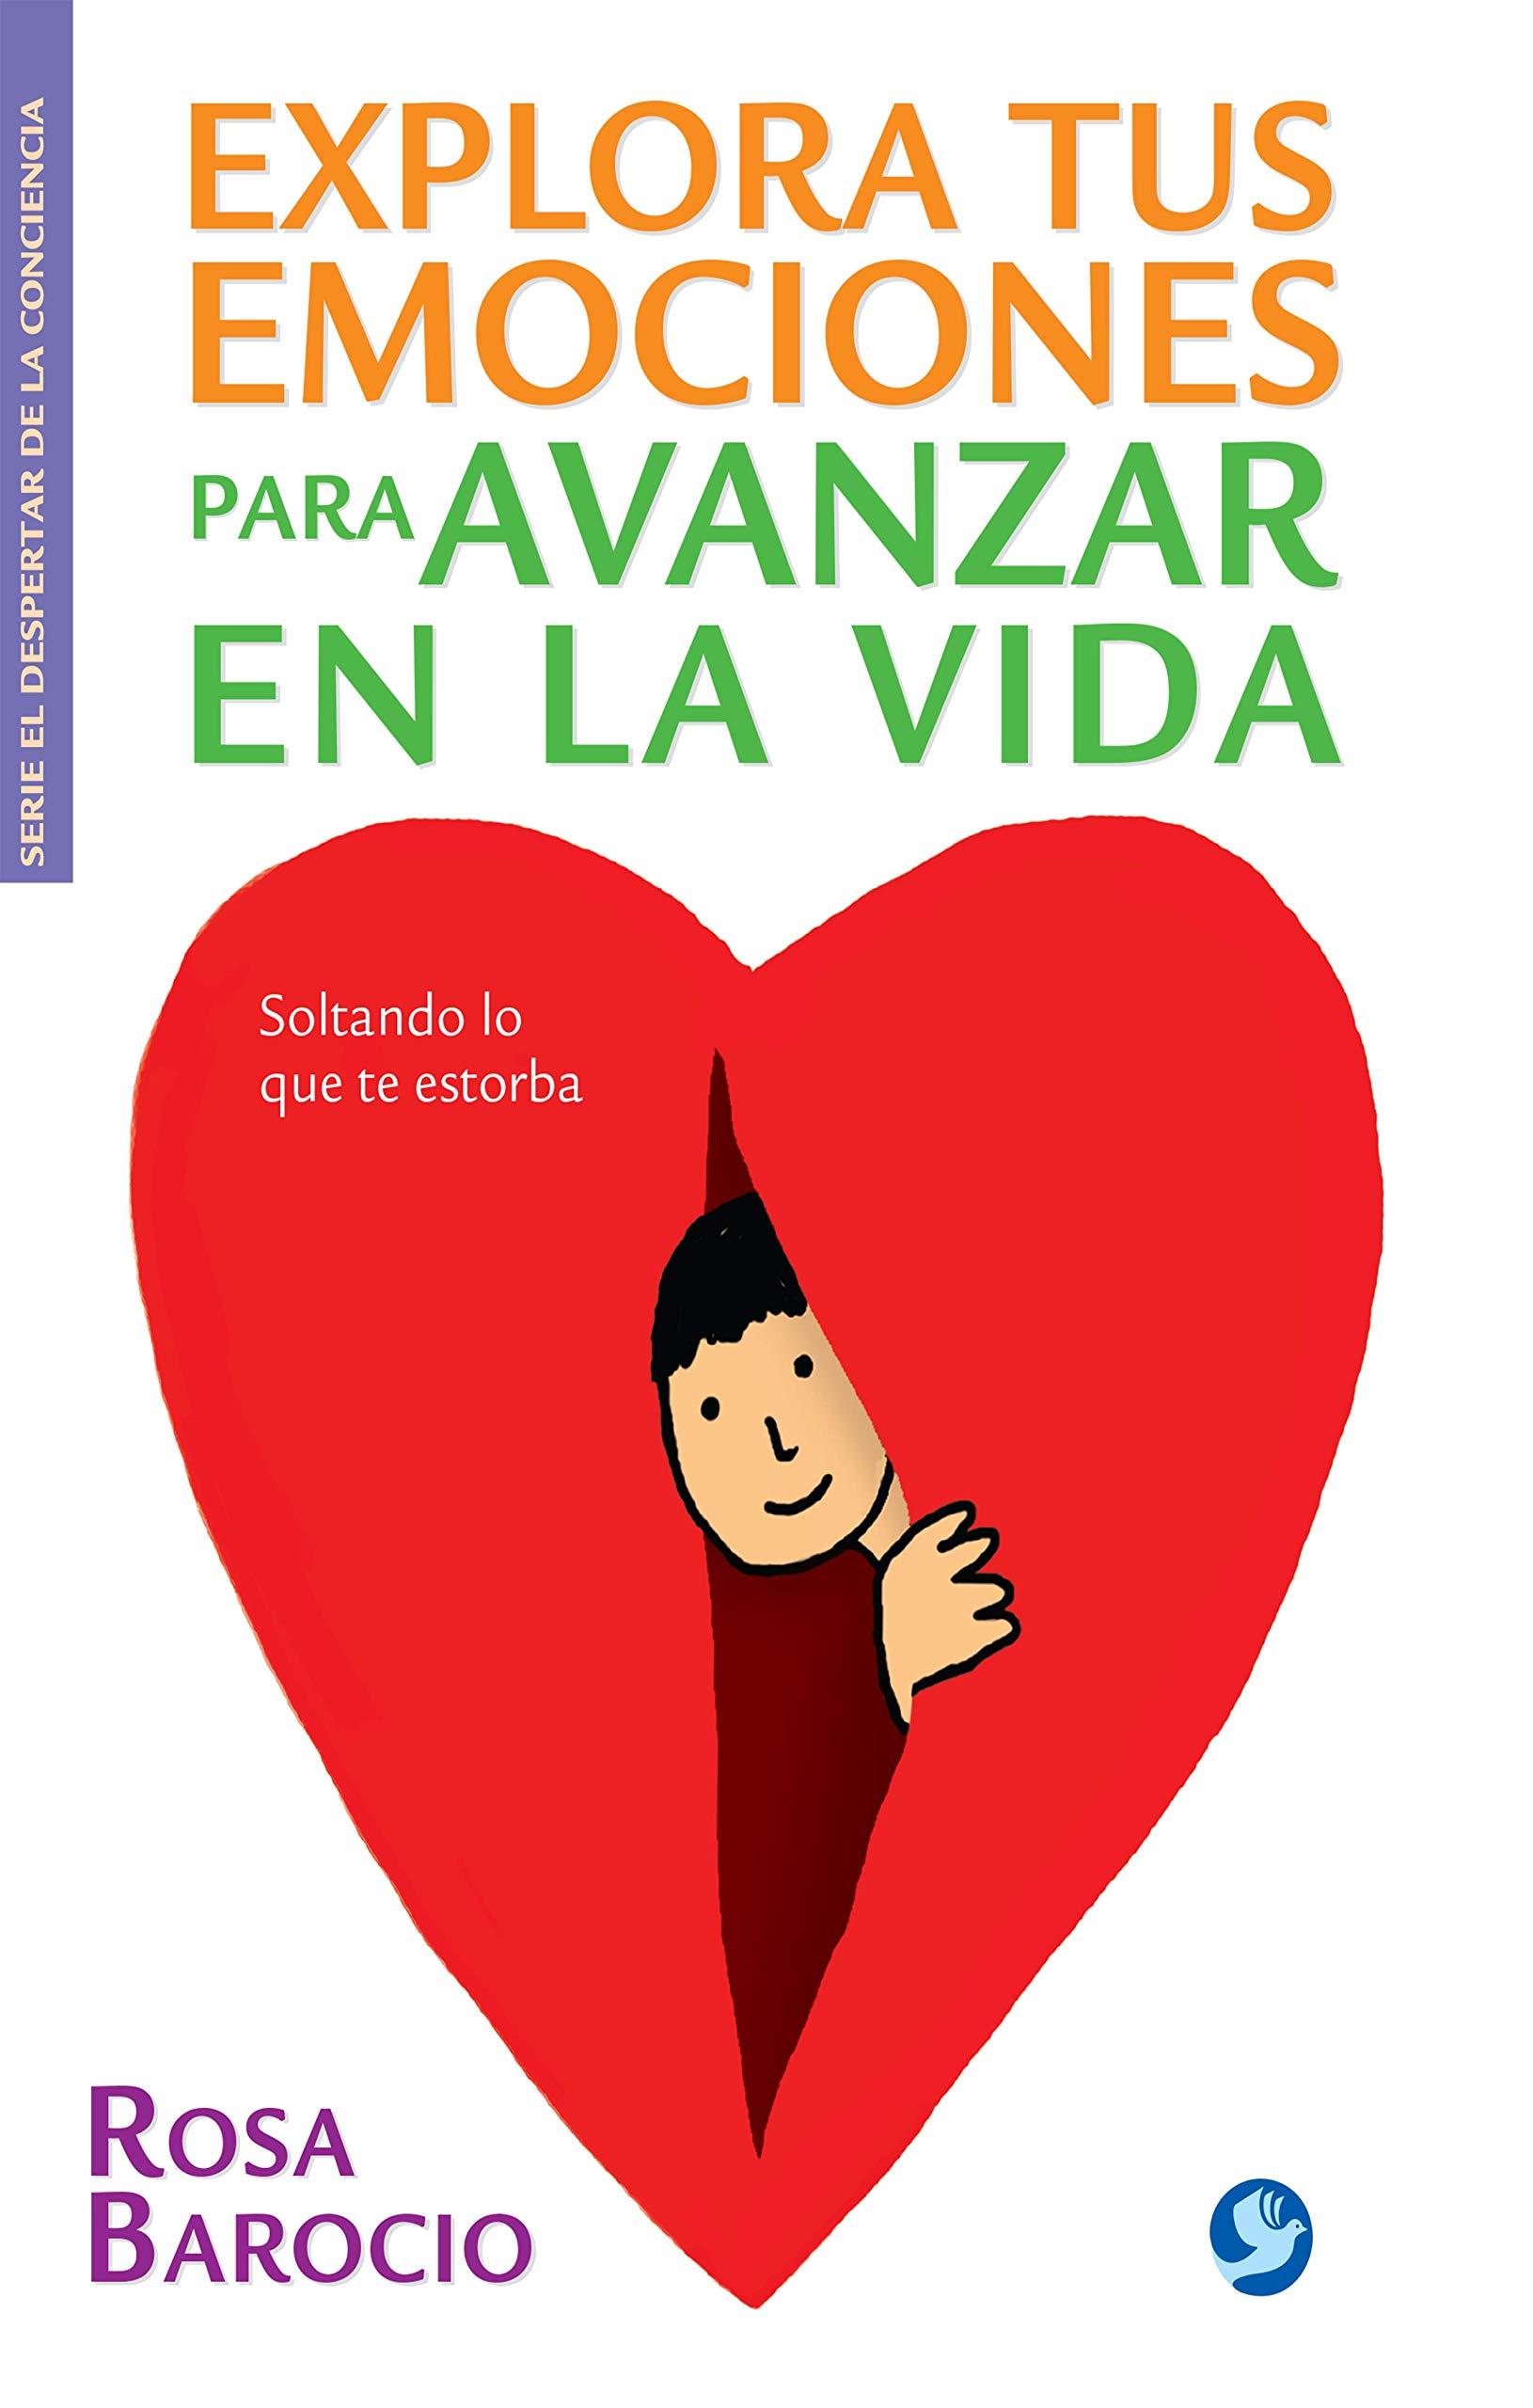 Explora tus emociones para avanzar en la vida: Soltando lo que te estorba (Spanish Edition) (Spanish) Paperback – November 27, 2012